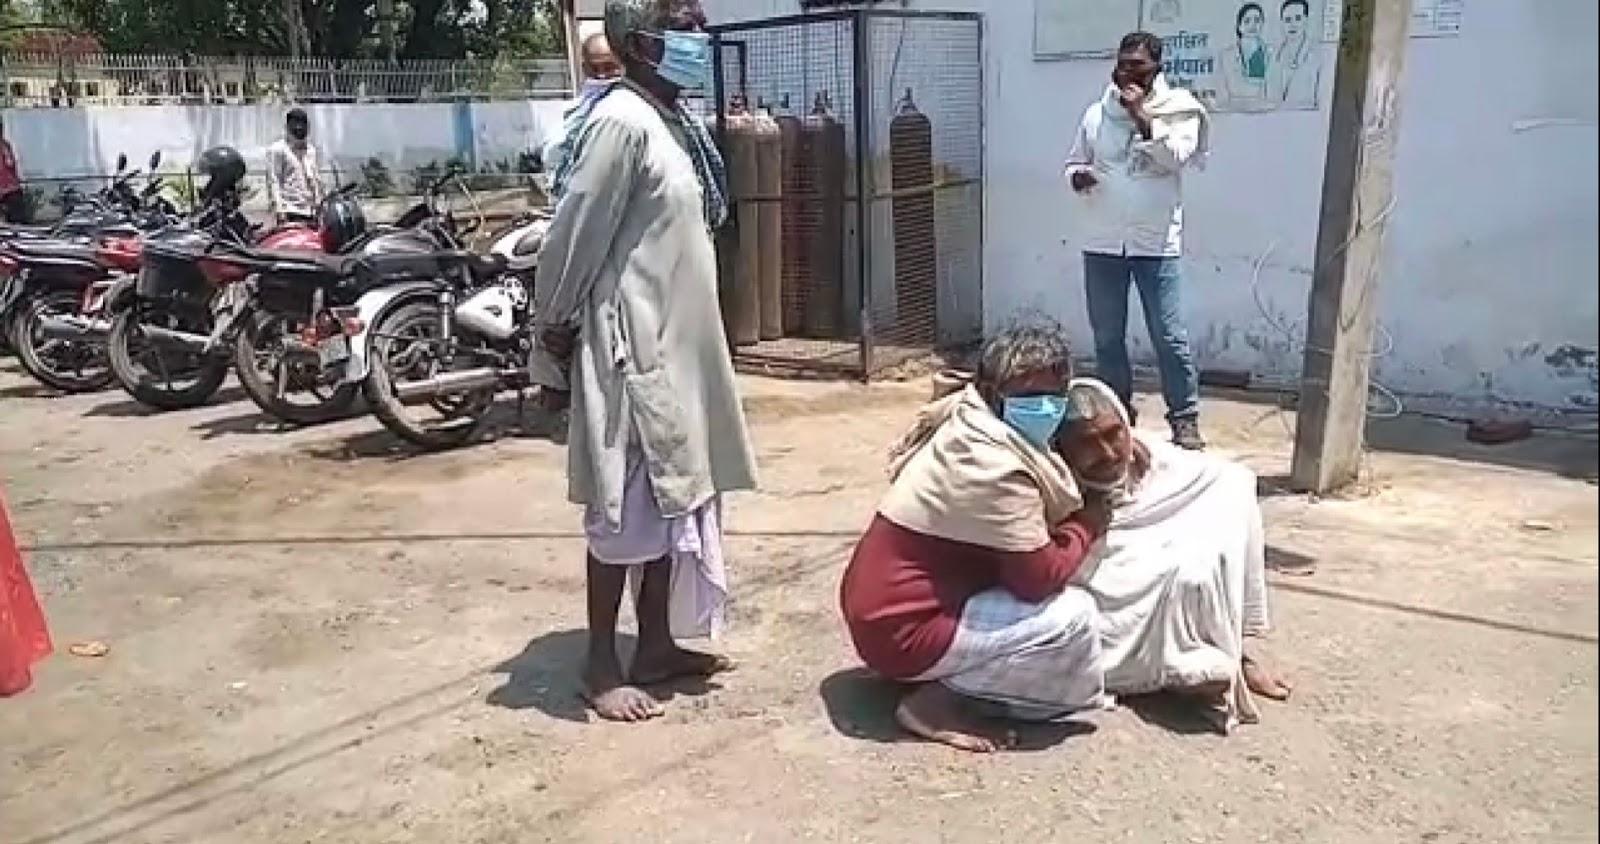 छपरा खलपुरा में ब्रजपात(ठनका) गिरने से दर्जन भर लोग झुलसे, 9 की मौत, आधा दर्जन लोग घायल